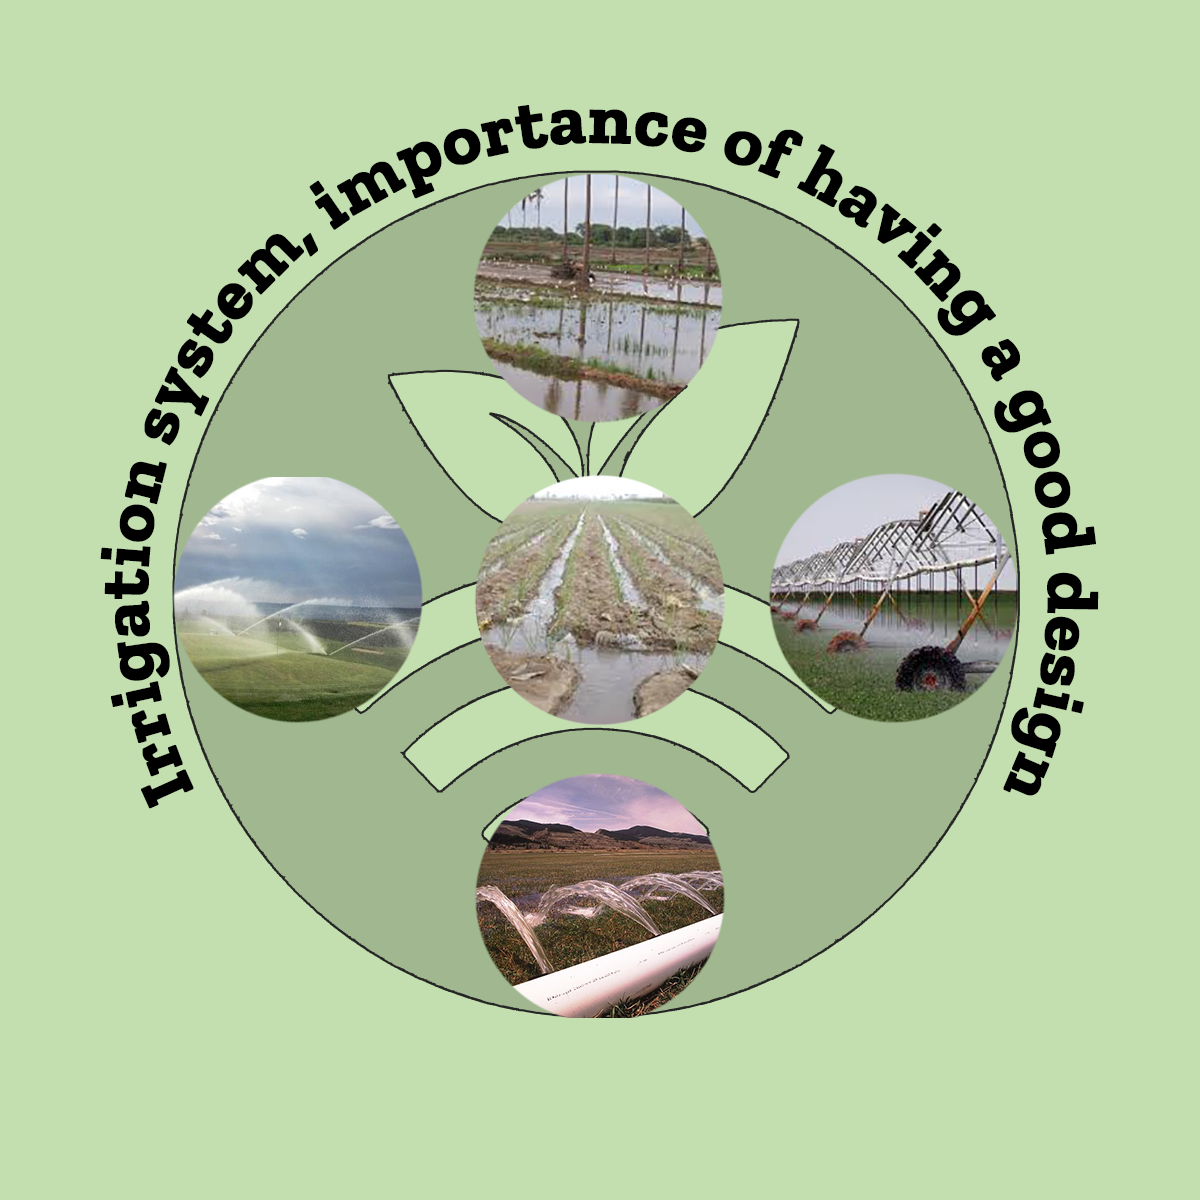 Fenacore irrigation fair